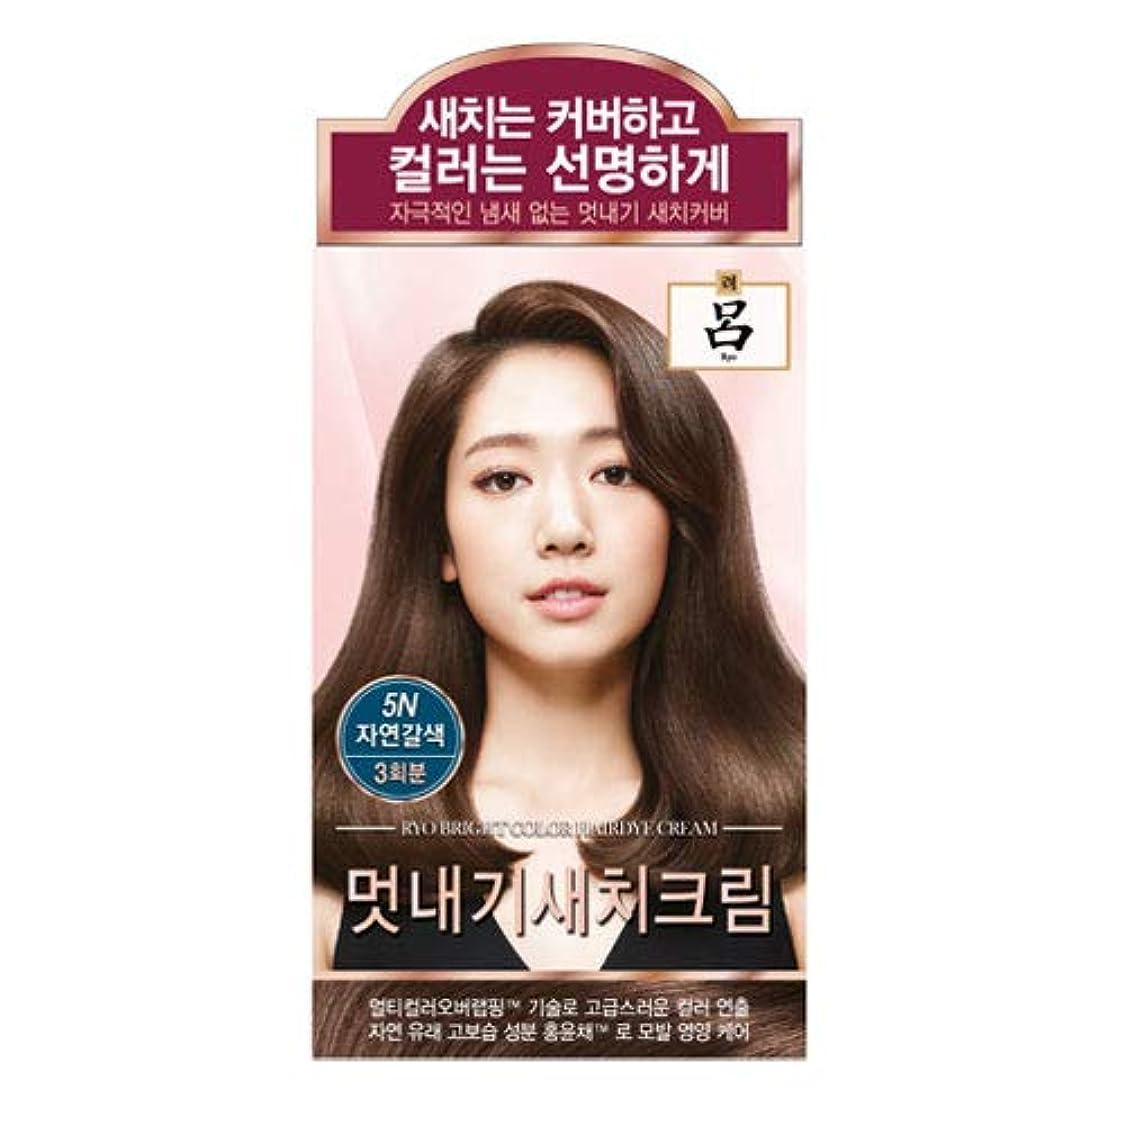 束銃電池アモーレパシフィック呂[AMOREPACIFIC/Ryo] ブライトカラーヘアアイクリーム 5N ナチュラルブラウン/Bright Color Hairdye Cream 5N Natural Brown